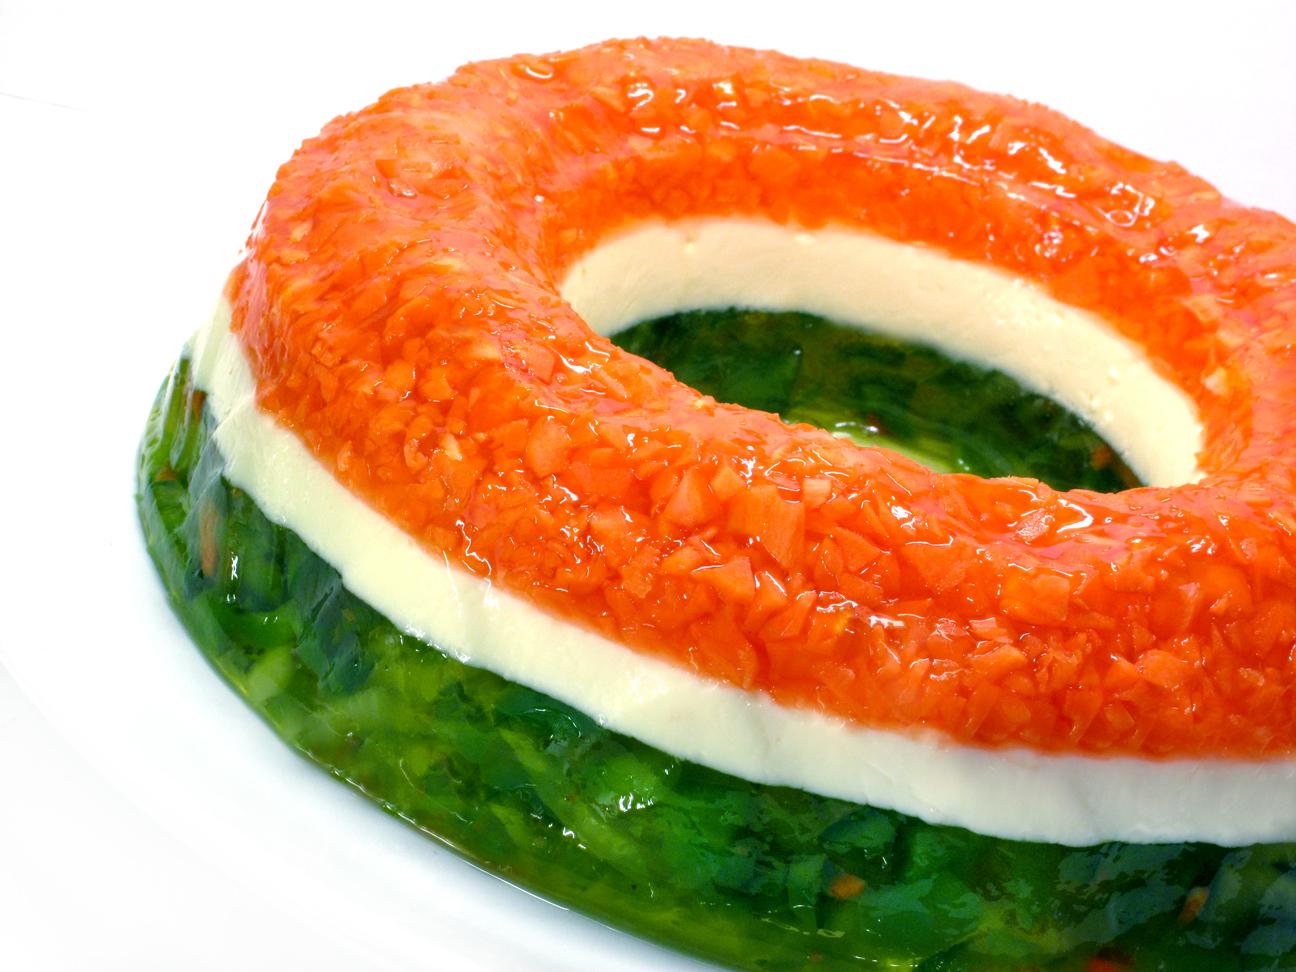 Vinegar 6 comments tags cooking dessert food jello jello molds recipe